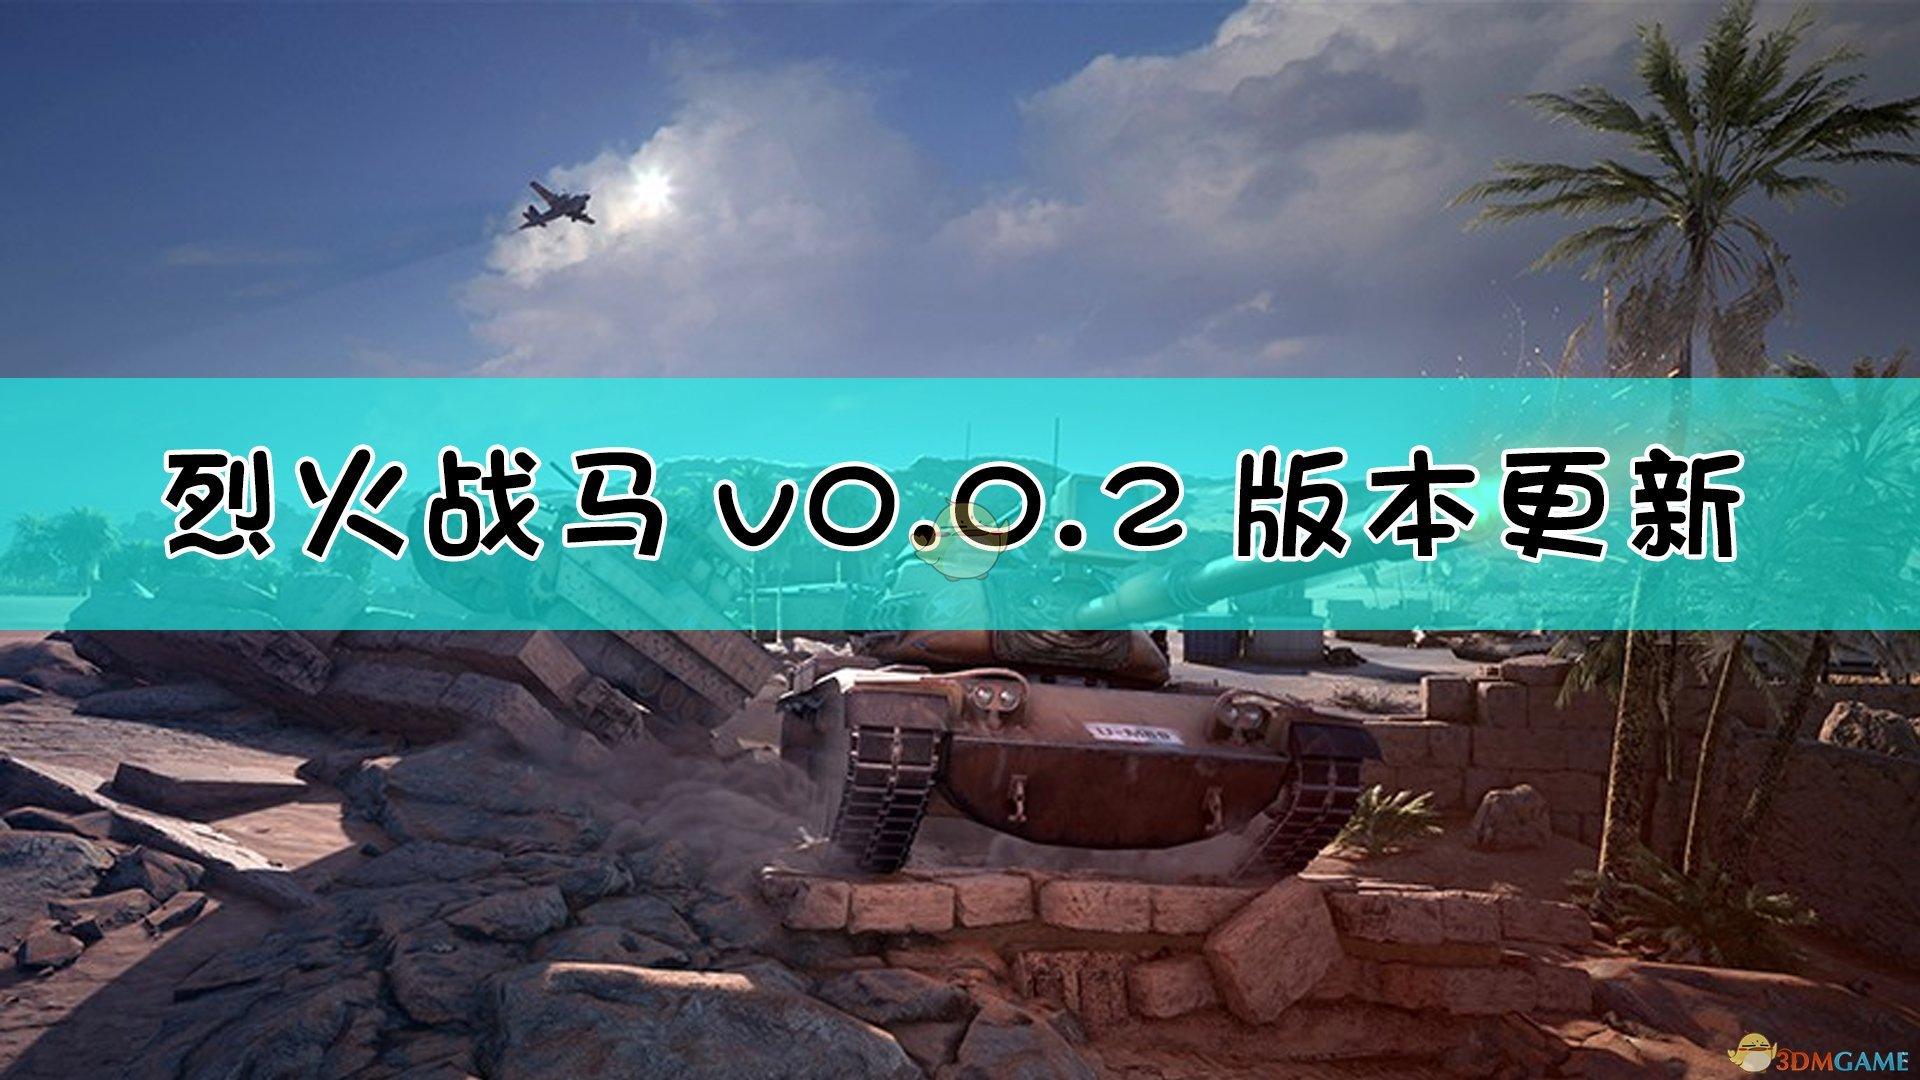 《烈火战马》v0.0.2版本更新公告